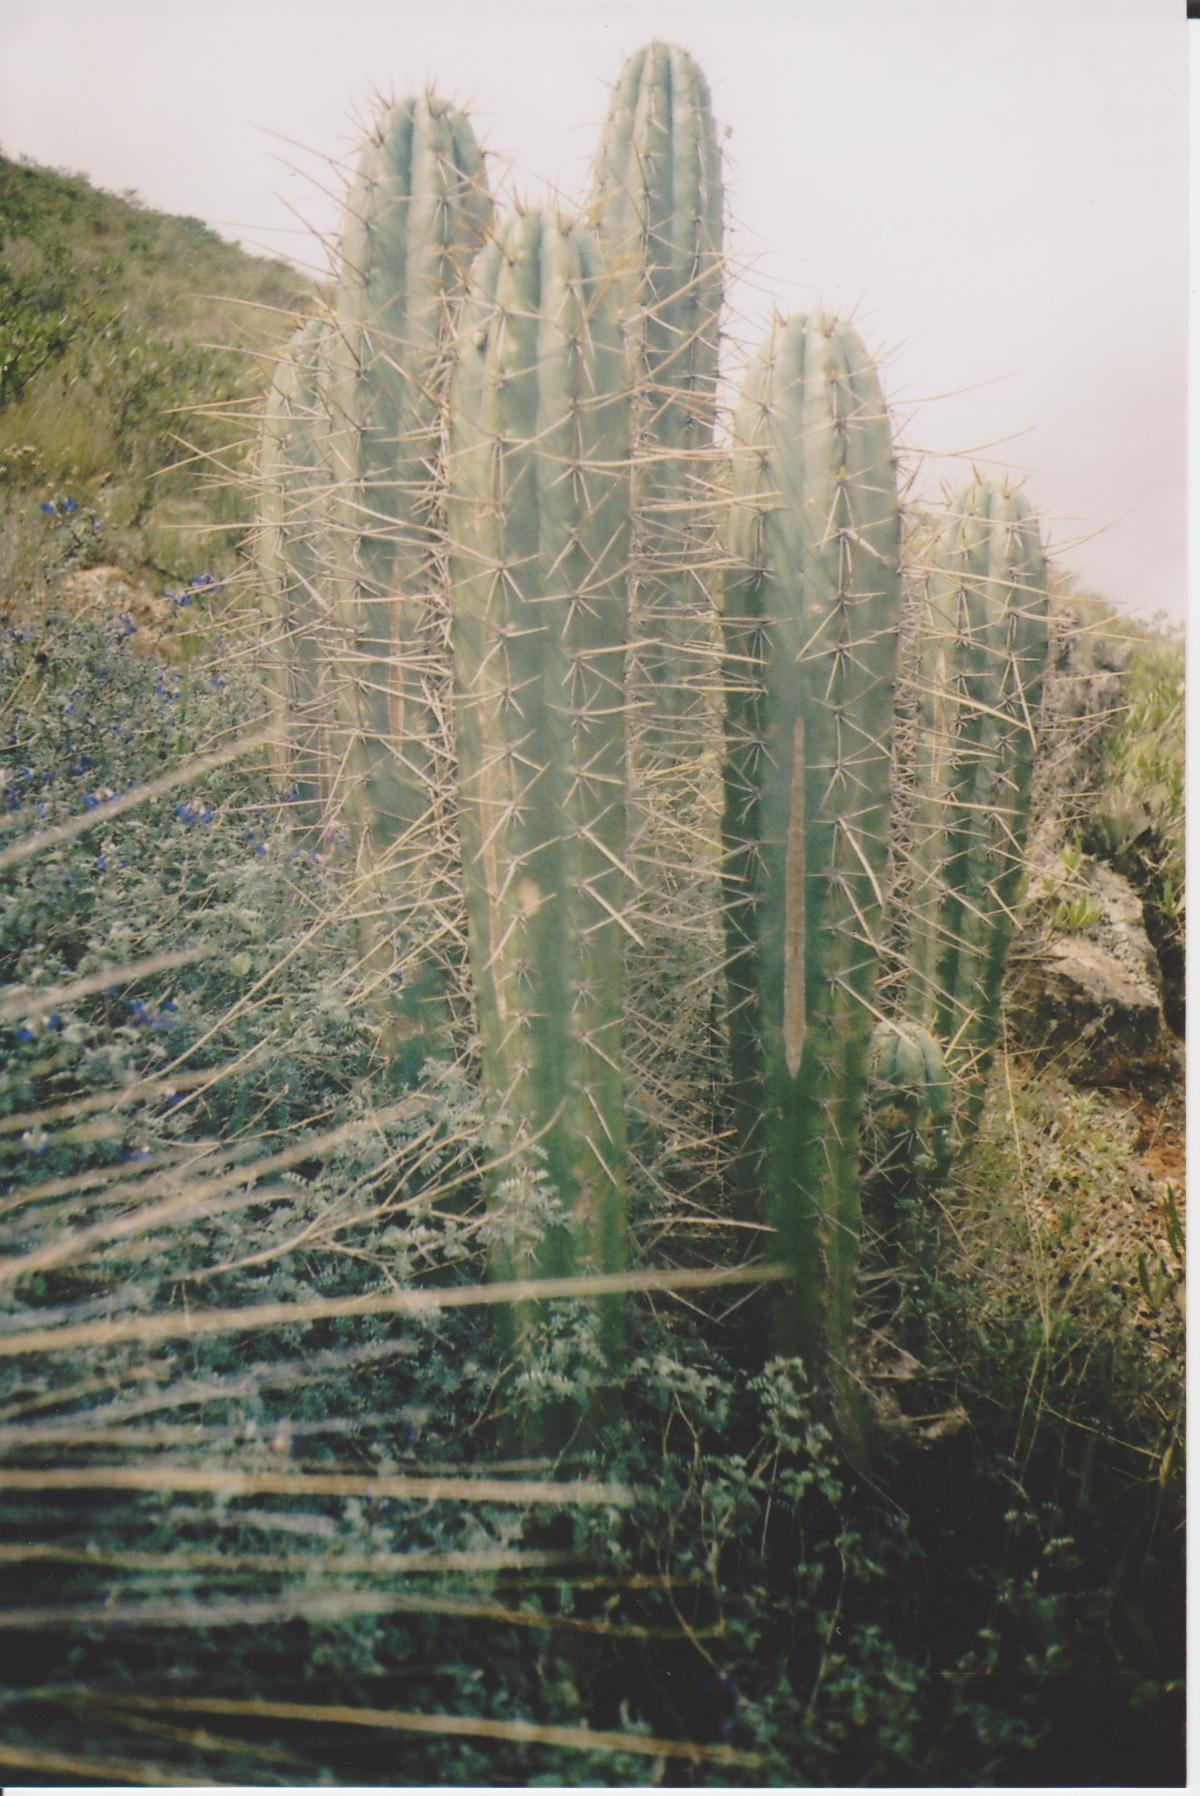 Trichocereus tarmaensis in Tarma